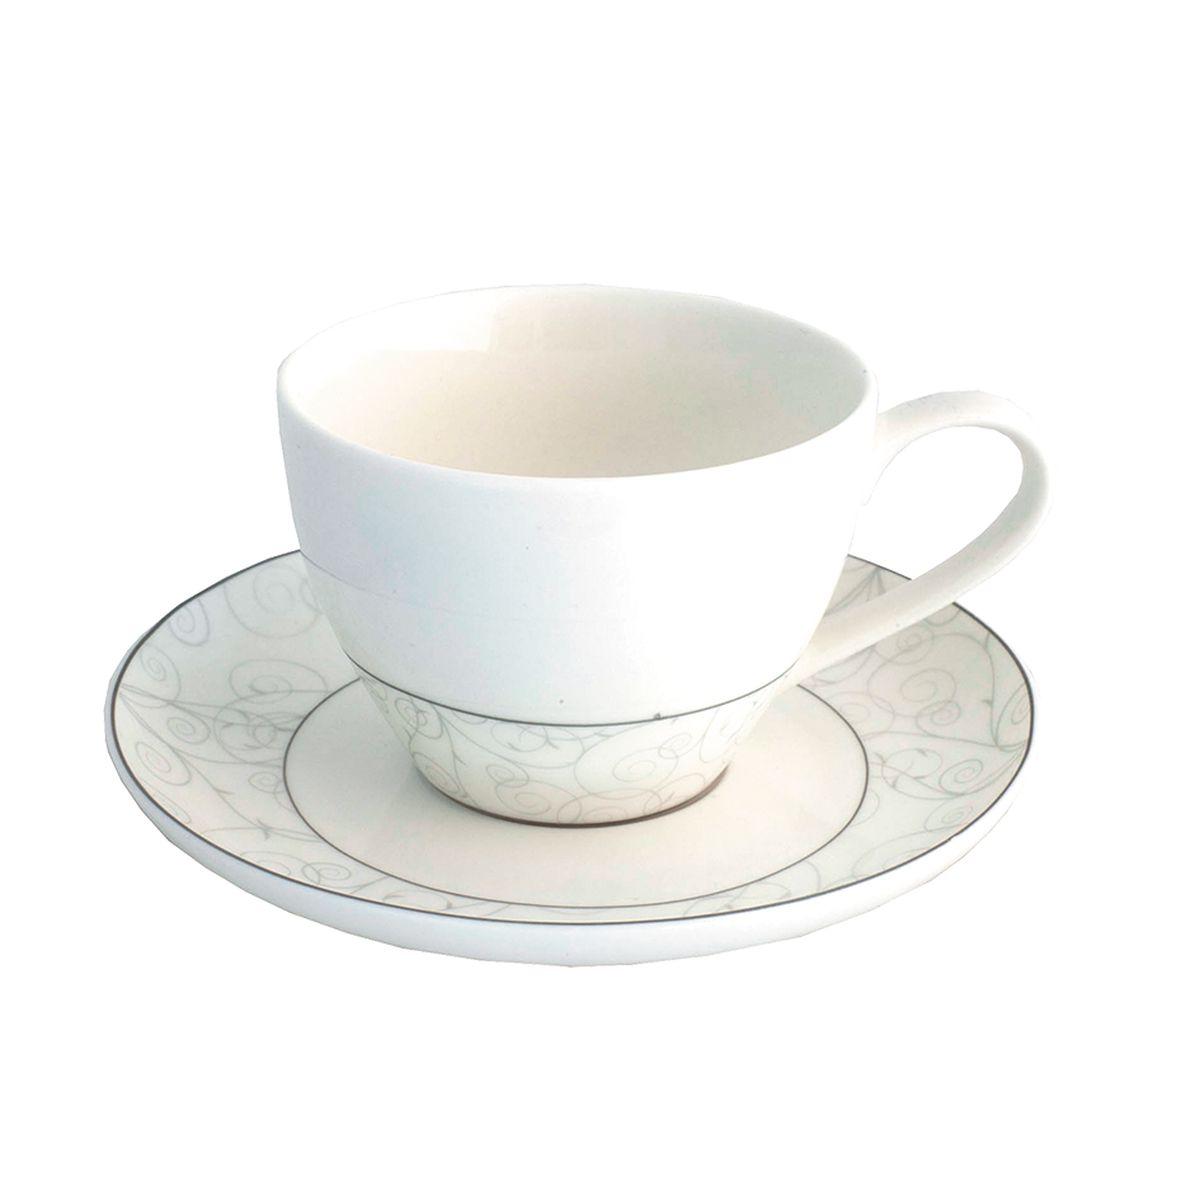 Набор чайный Esprado Florestina, 12 предметовFLO031SE304Чайный набор Esprado Florestina состоит из шести чашек и шести блюдец, изготовленных из высококачественного костяного фарфора. Над созданием дизайна коллекций посуды из фарфора Esprado работает международная команда высококлассных дизайнеров, не только воплощающих в жизнь все новейшие тренды, но также и придерживающихся многовековых традиций при создании классических коллекций. Посуда из костяного фарфора будет идеальным выбором, для тех, кто предпочитает красивую современную посуду из высококачественного материала, которая отличается высокой прочностью и подходит для ежедневного использования. Сдержанный блеск серебра в сочетании с утонченными узорами на идеальном фоне из высококачественного костяного фарфора - европейская изысканность коллекции Florestina даже самый обычный ужин превратит в праздник!Можно использовать в микроволновки печи и мыть в посудомоечной машине.